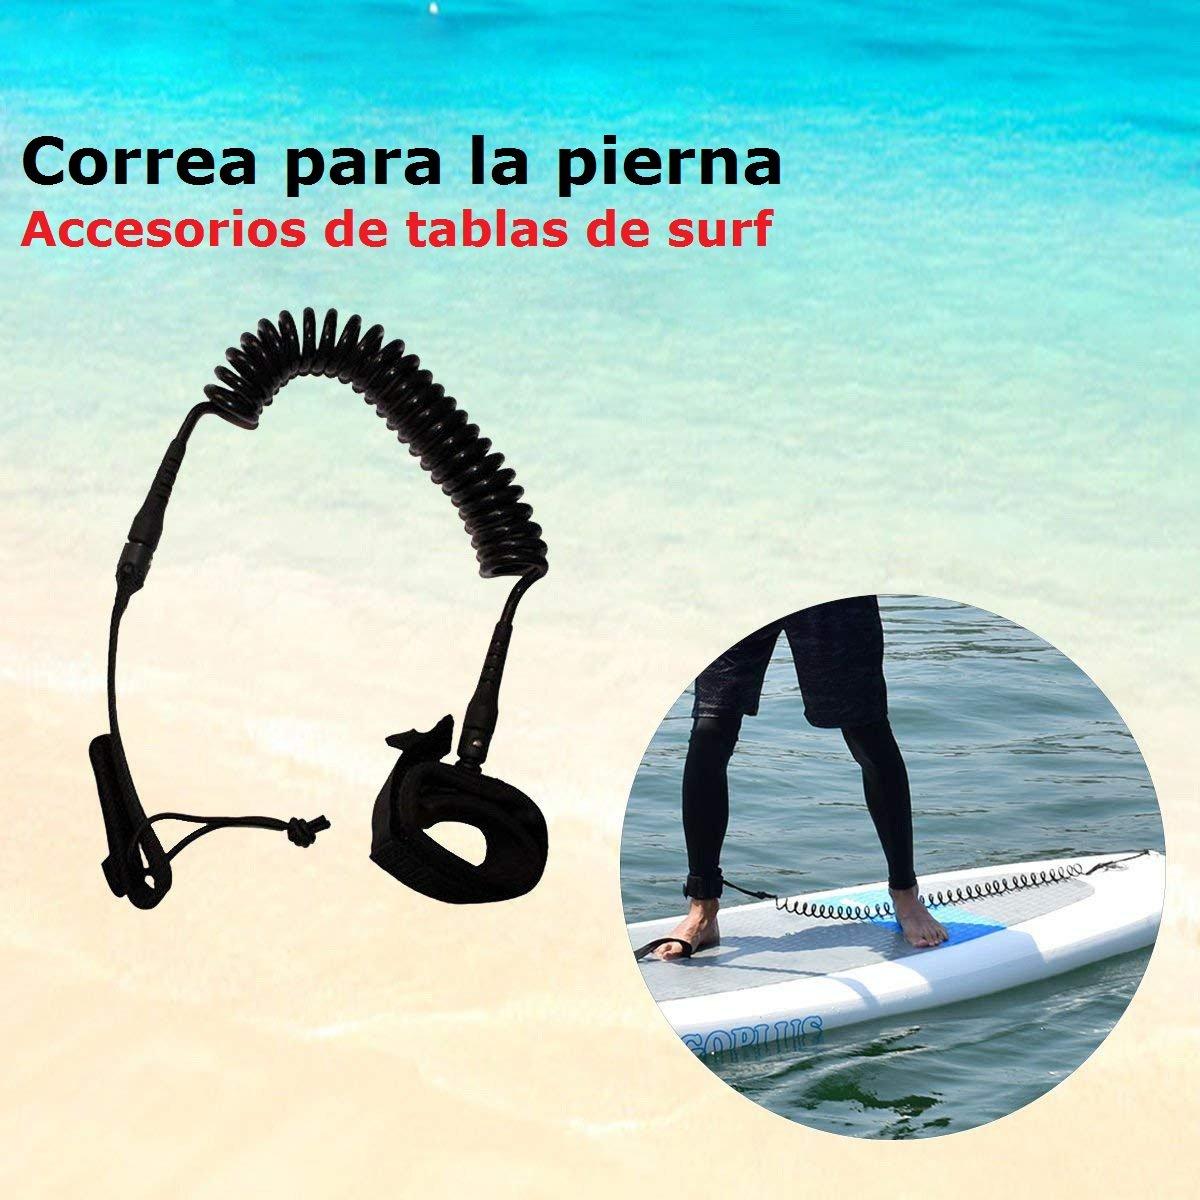 COSTWAY Tablas Paddle Board Hinchables Remo Surf Tablero Sup Board Stand Up Set 305 * 76 * 15CM Inflable Blanco: Amazon.es: Deportes y aire libre